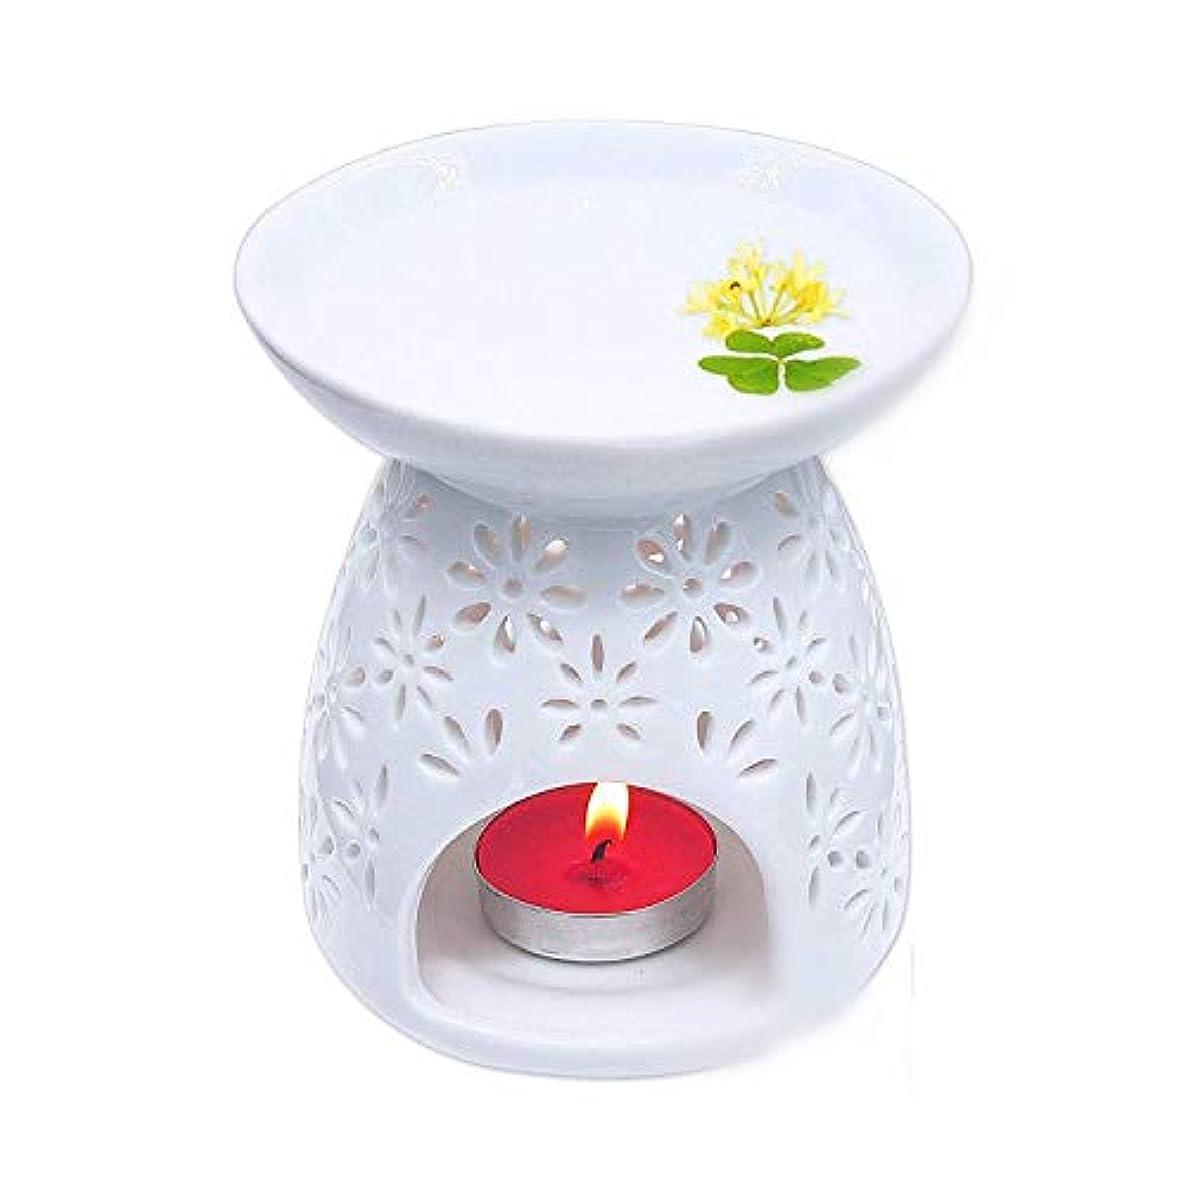 作曲するアーティファクト周辺Pursue 茶香炉 アロマ炉 香炉 陶器 精油 香炉置物 薫香 インテリア アロマディフューザー 中空の彫刻工 消臭と癒し おしゃれ